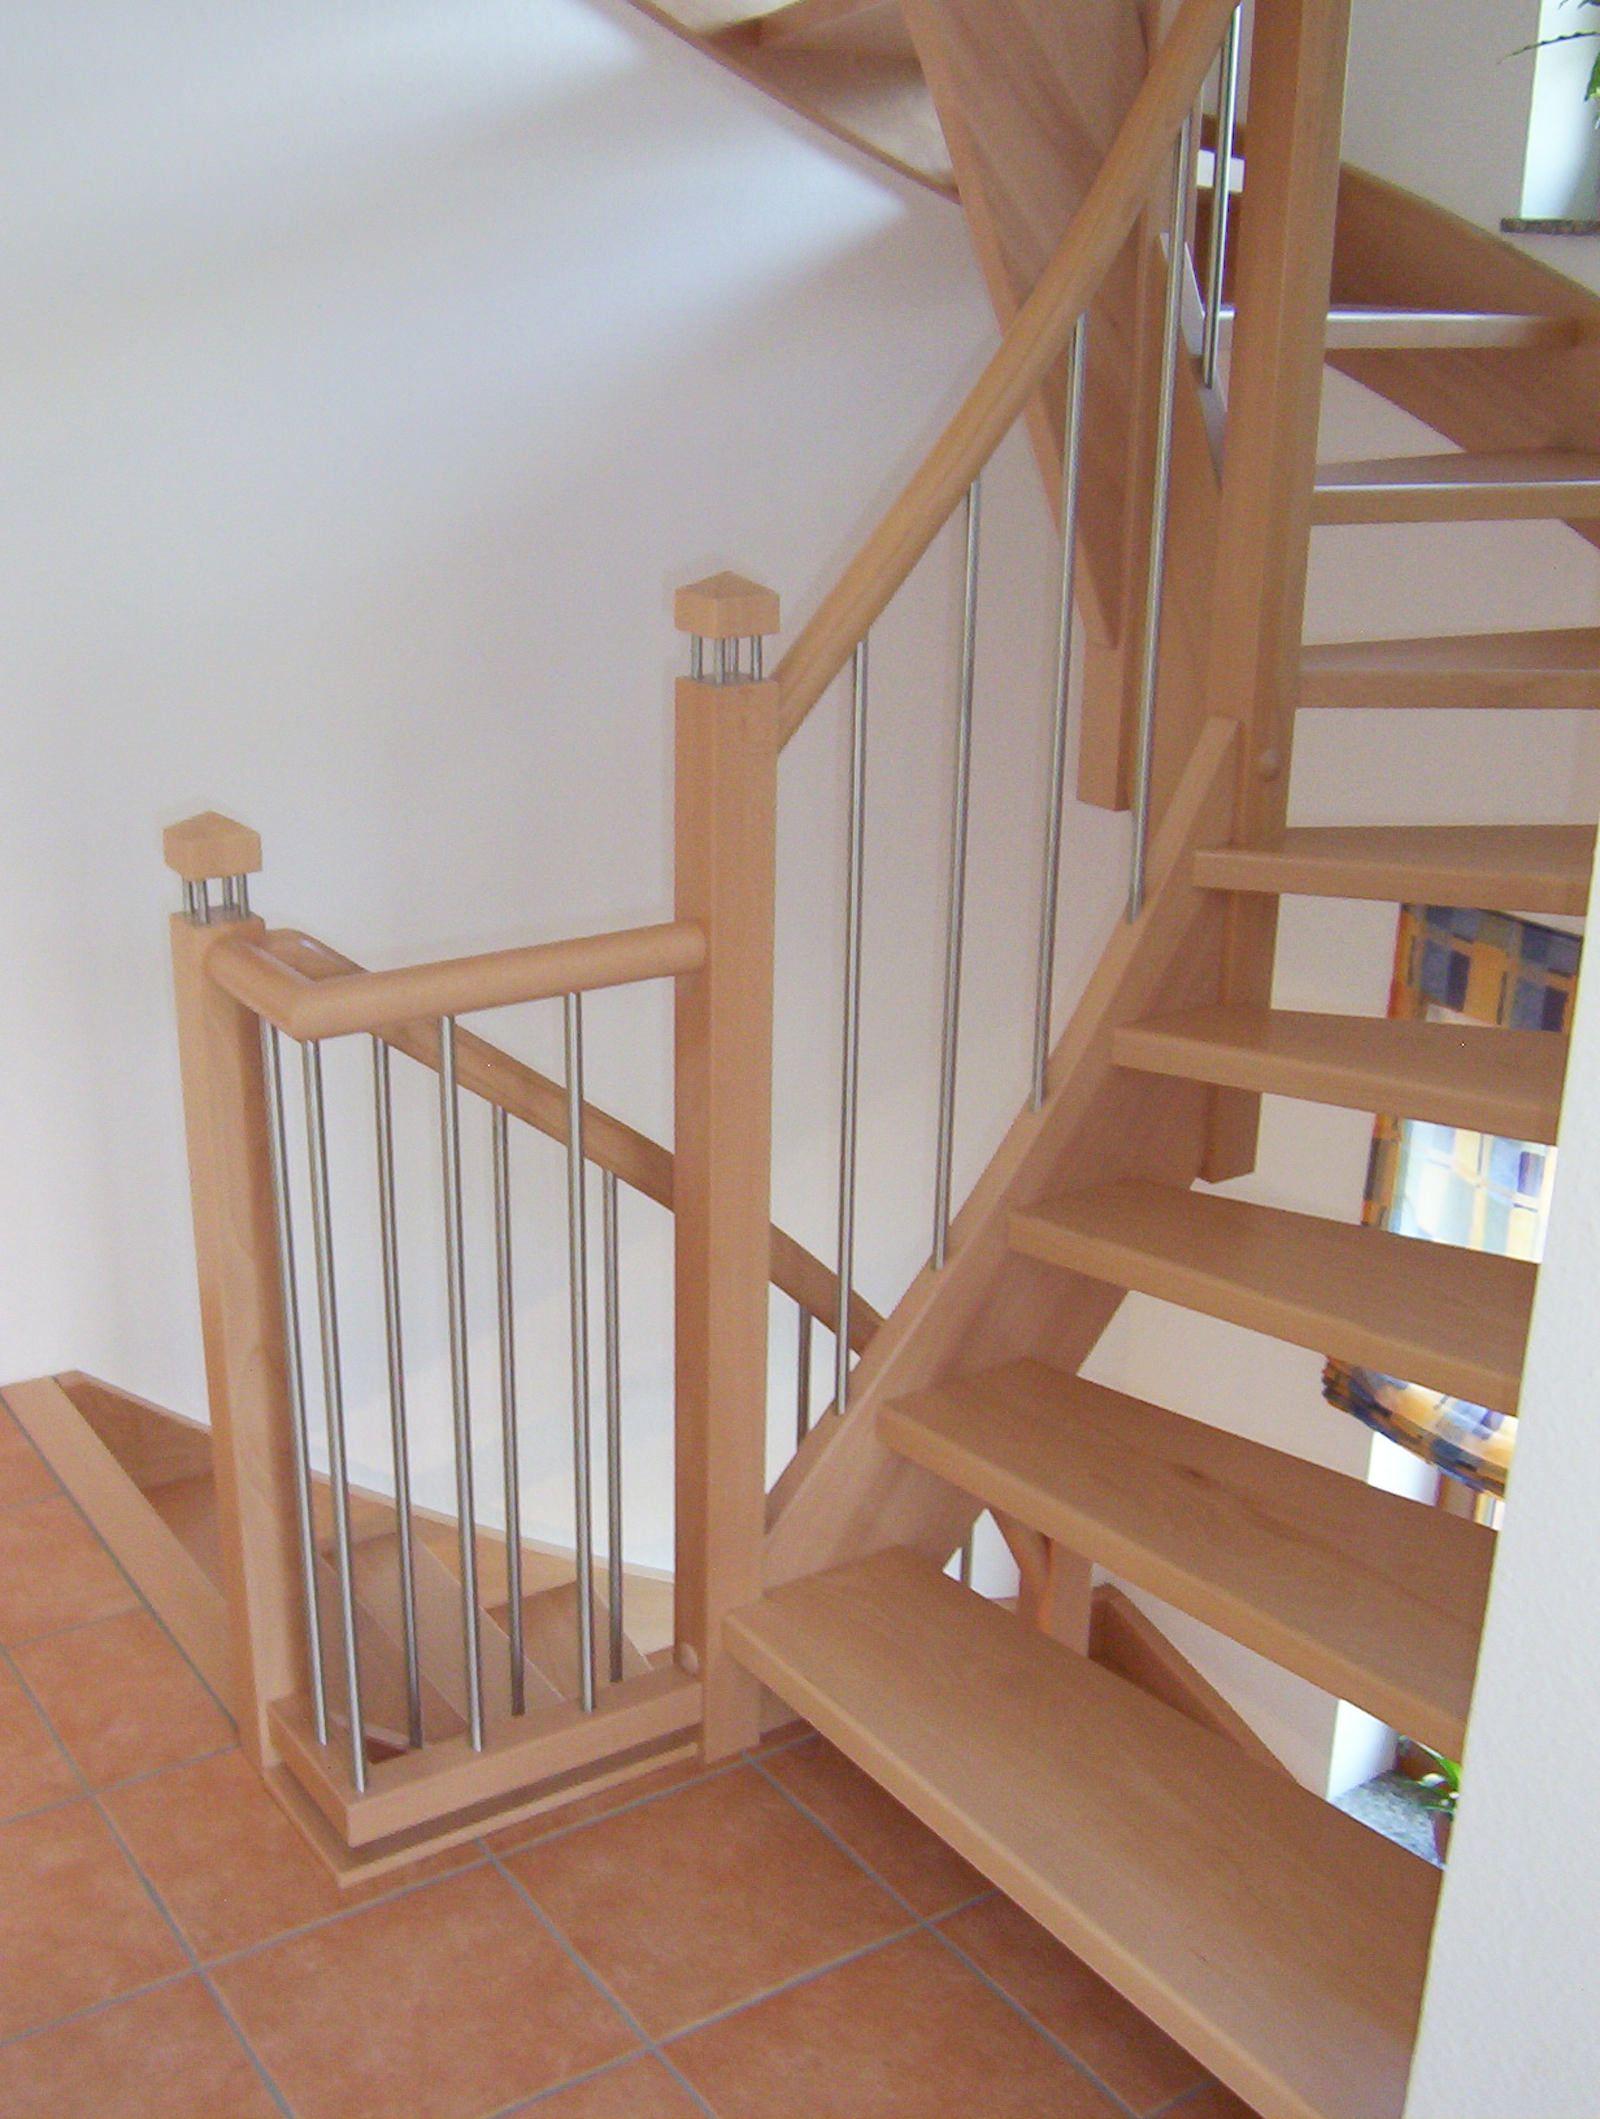 tischlerei neumann treppe aus buche mit edelstahl kombiniert treppen sicherheit auf jeder. Black Bedroom Furniture Sets. Home Design Ideas